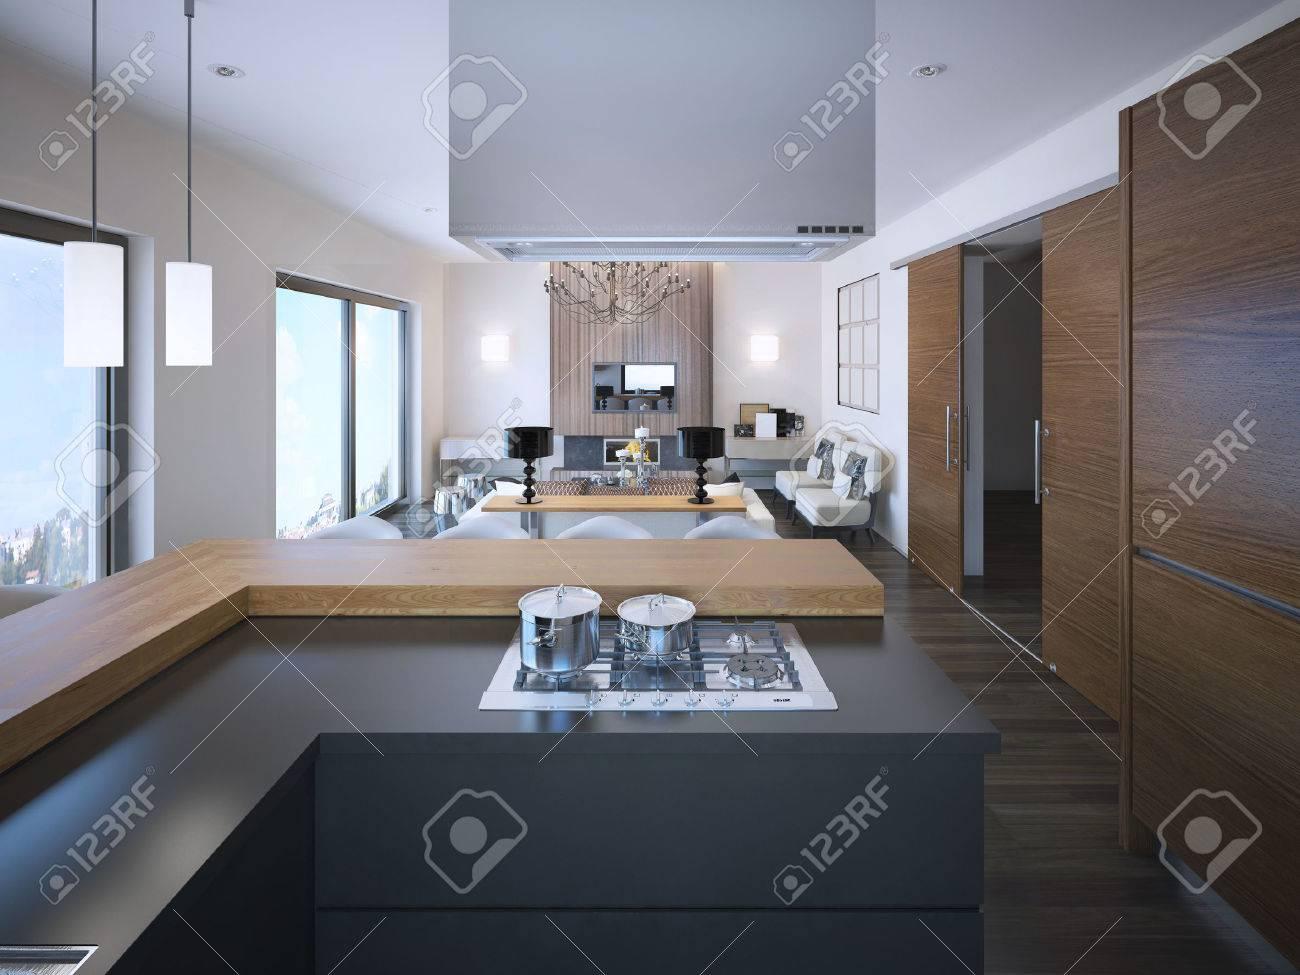 banque dimages ide dappartements du studio aux couleurs marron et blanc gris colors armoires de cuisine moderne en forme de l 3d render